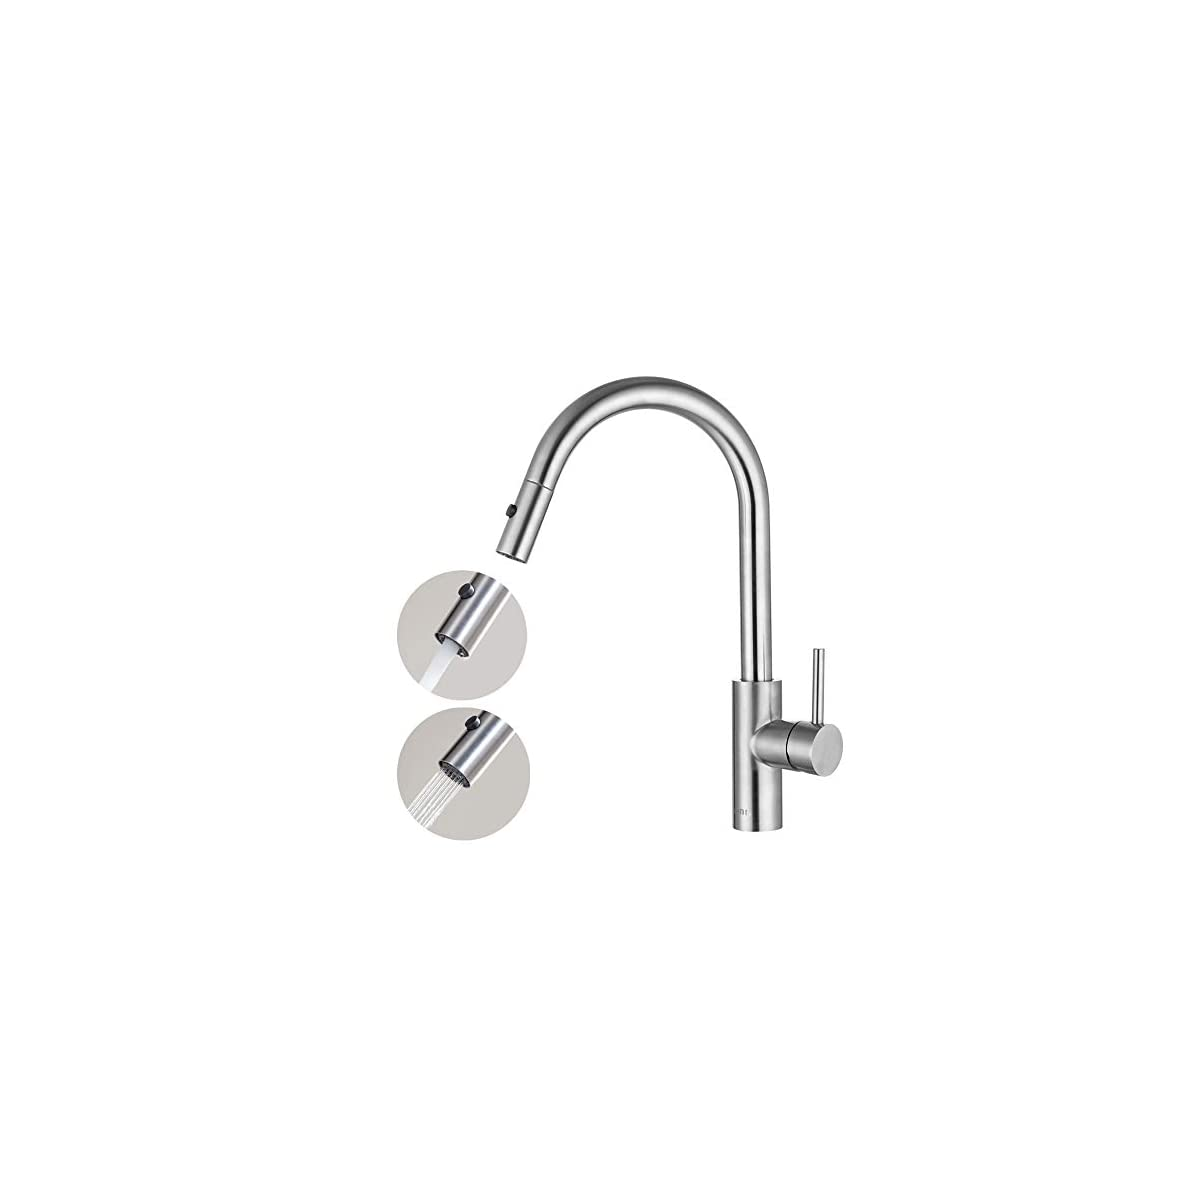 41XKRZNYySL. SS1200  - Umi. by Amazon - 360° Giratorio Grifo de Cocina Extraíble 2 Modos de Chorro Grifo Mezclador Monomando para Fregadero Agua Caliente y Fría